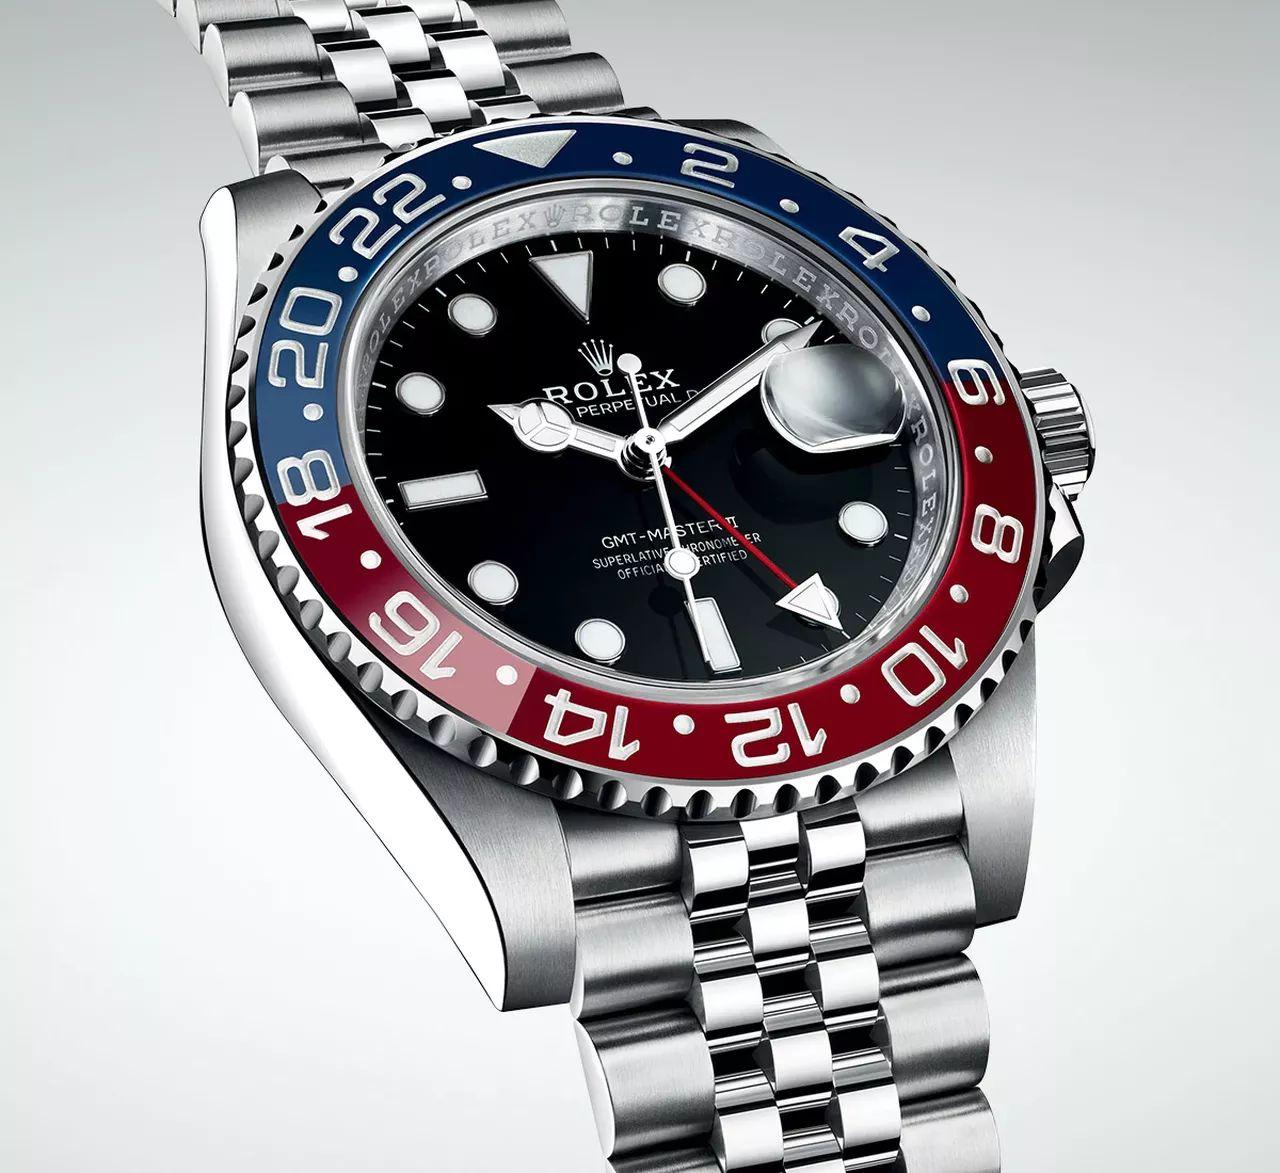 Rolex GMT Master II - aki felismeri, tudja csak igazán értékelni